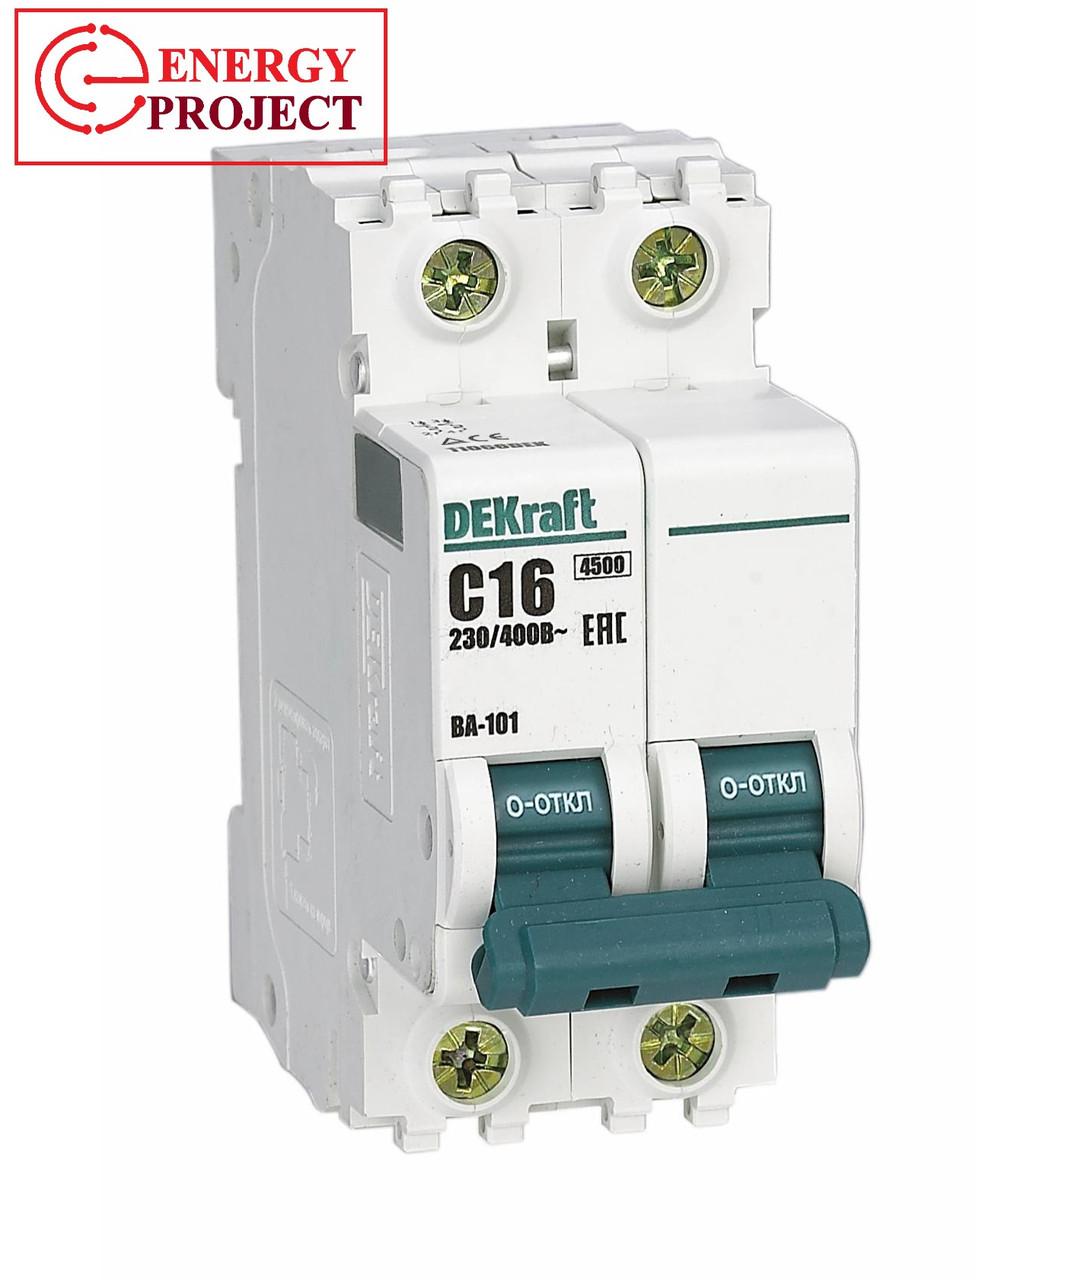 Автоматический выключатель ВА 101 1П 40А(114) Dekraft